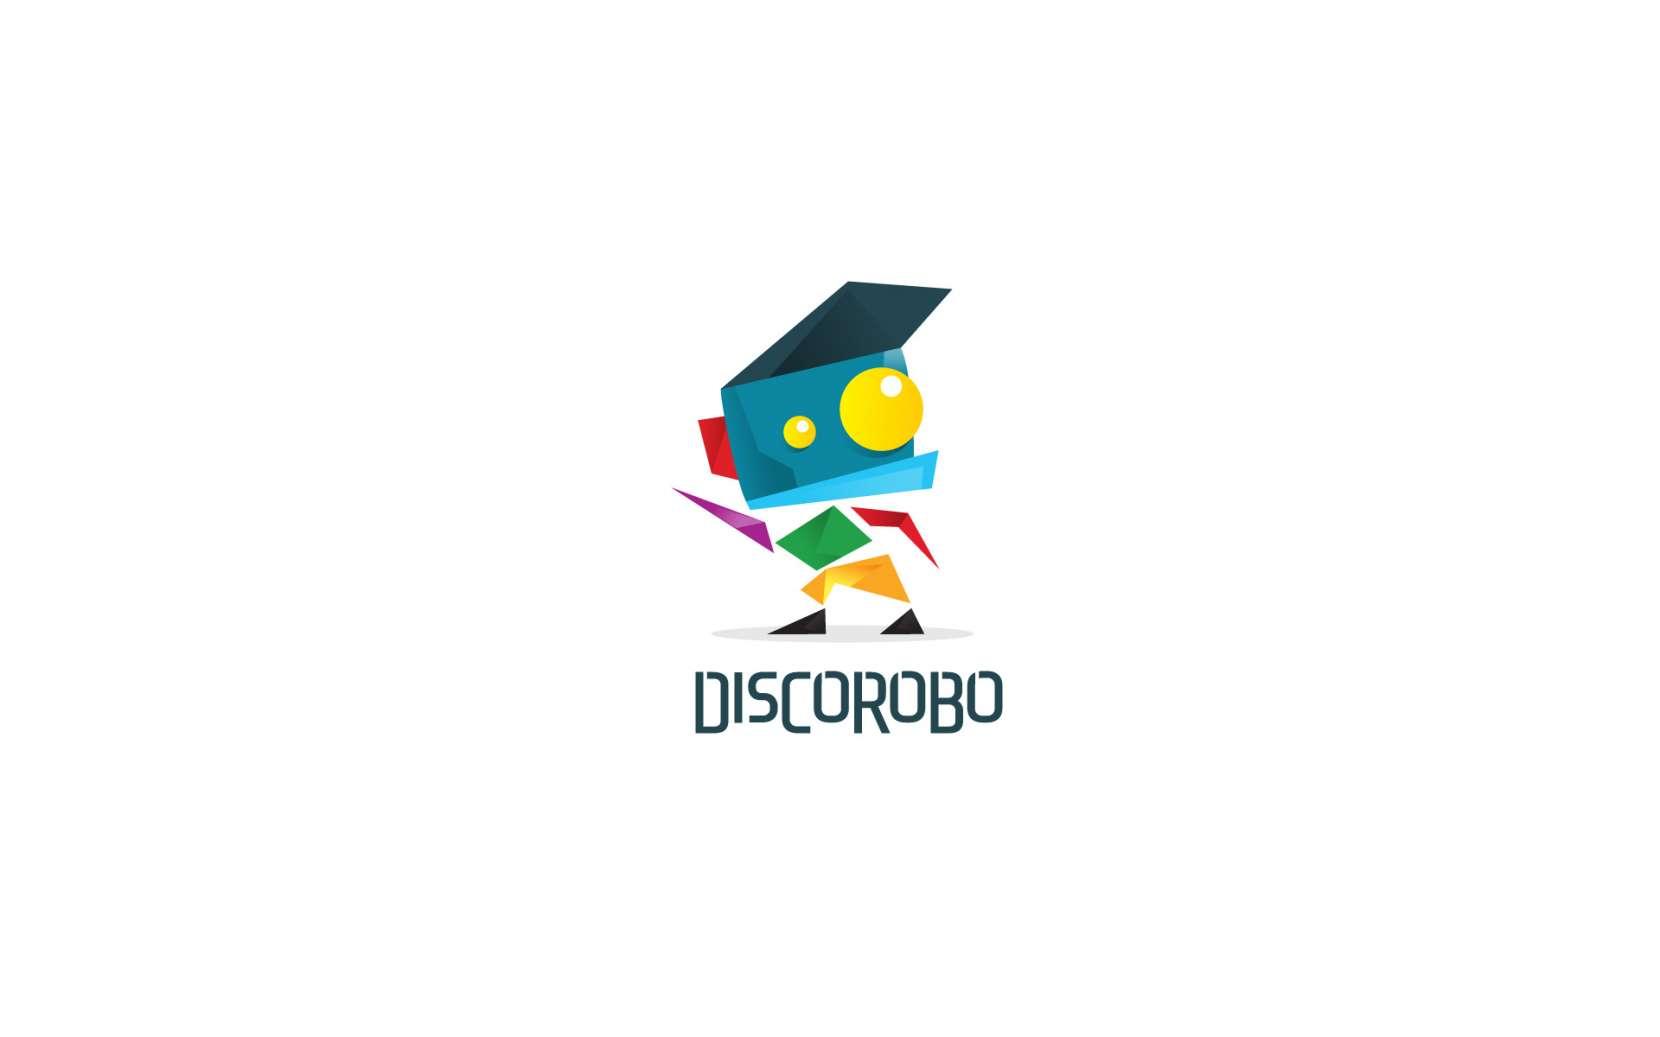 DiscoRobo.jpg